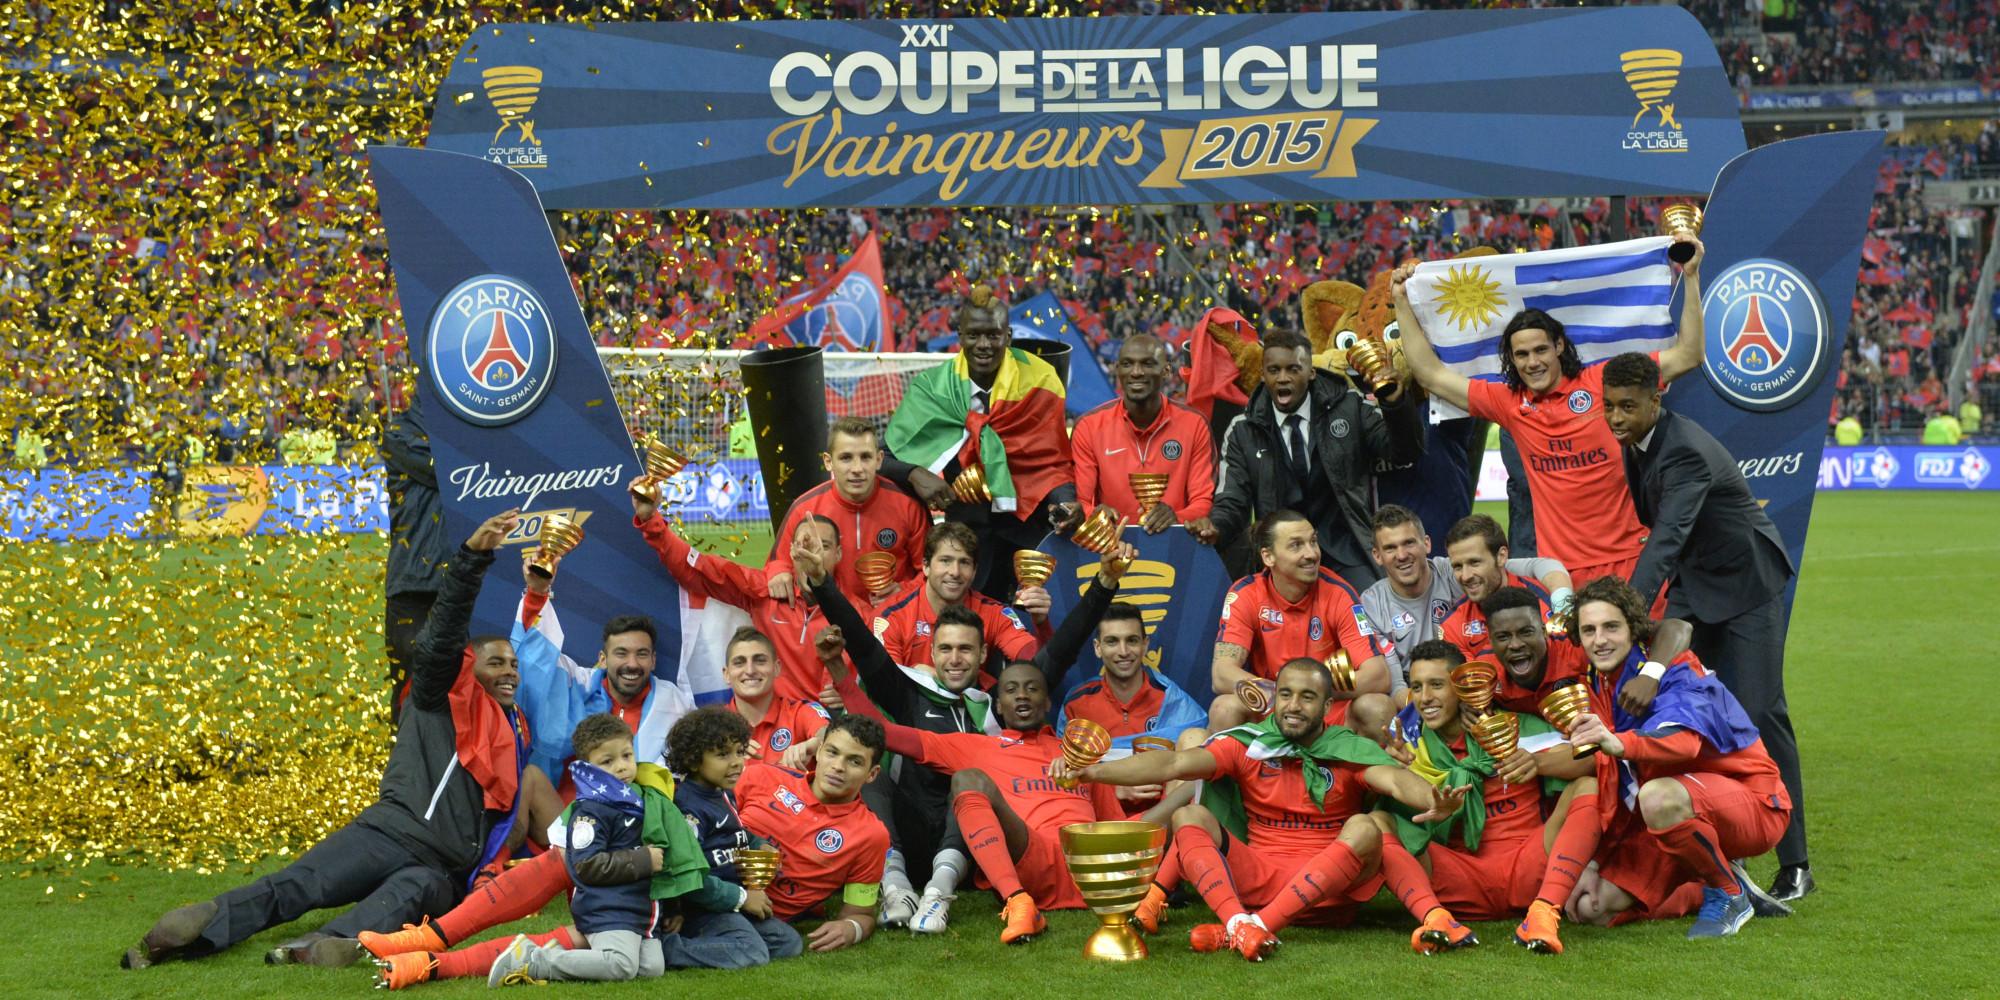 El PSG gana la Copa de la Liga y el Lyon vuelve a ser líder